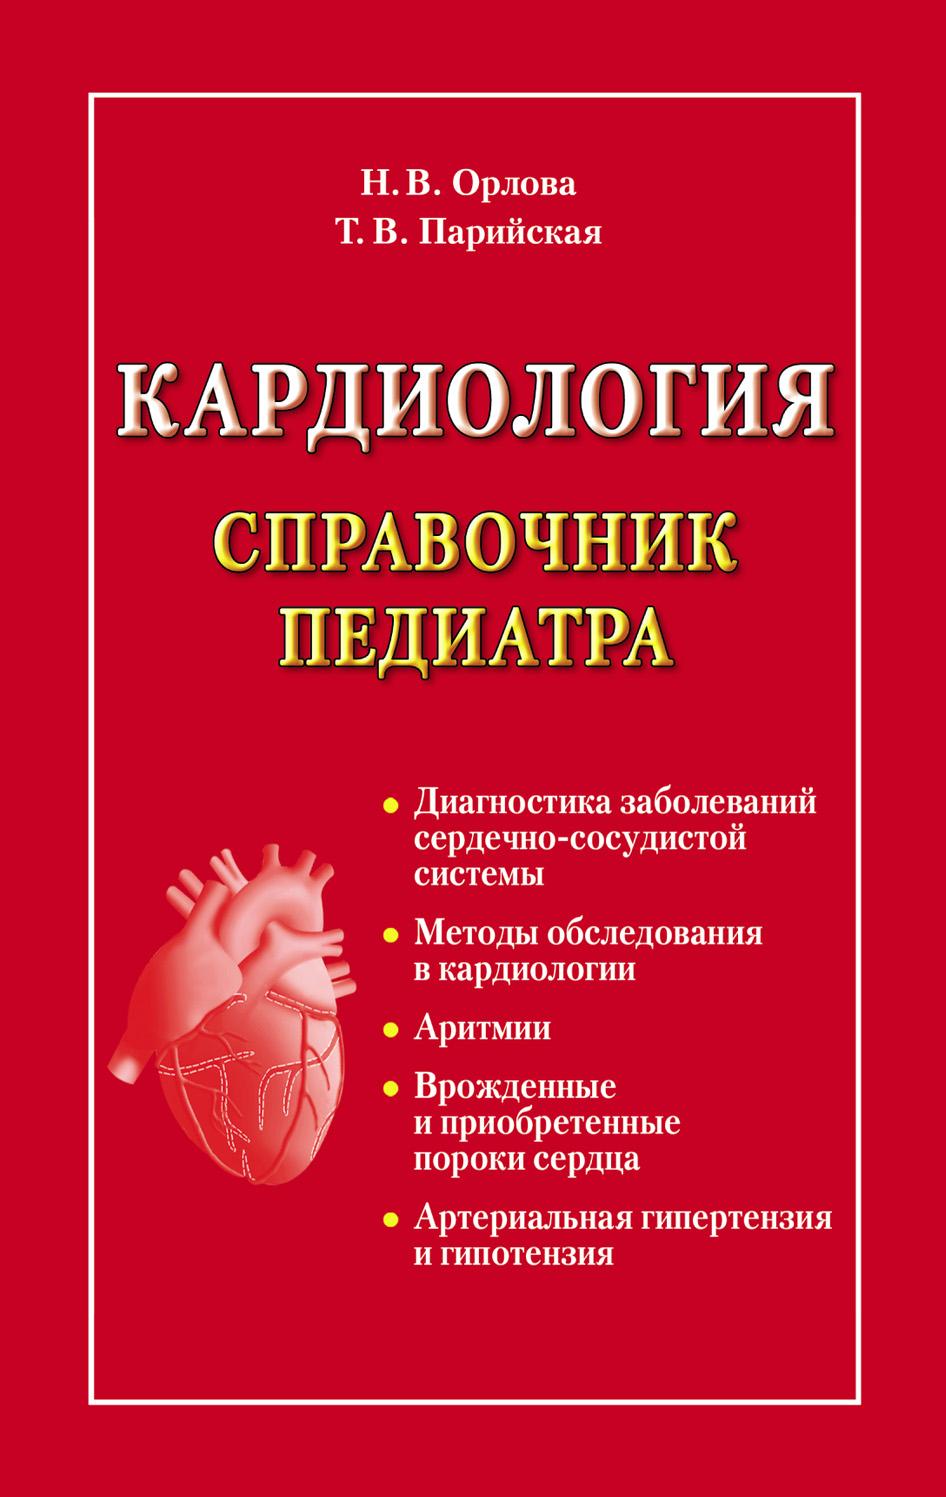 Тамара Владимировна Парийская Кардиология. Справочник педиатра приобретенные пороки сердца